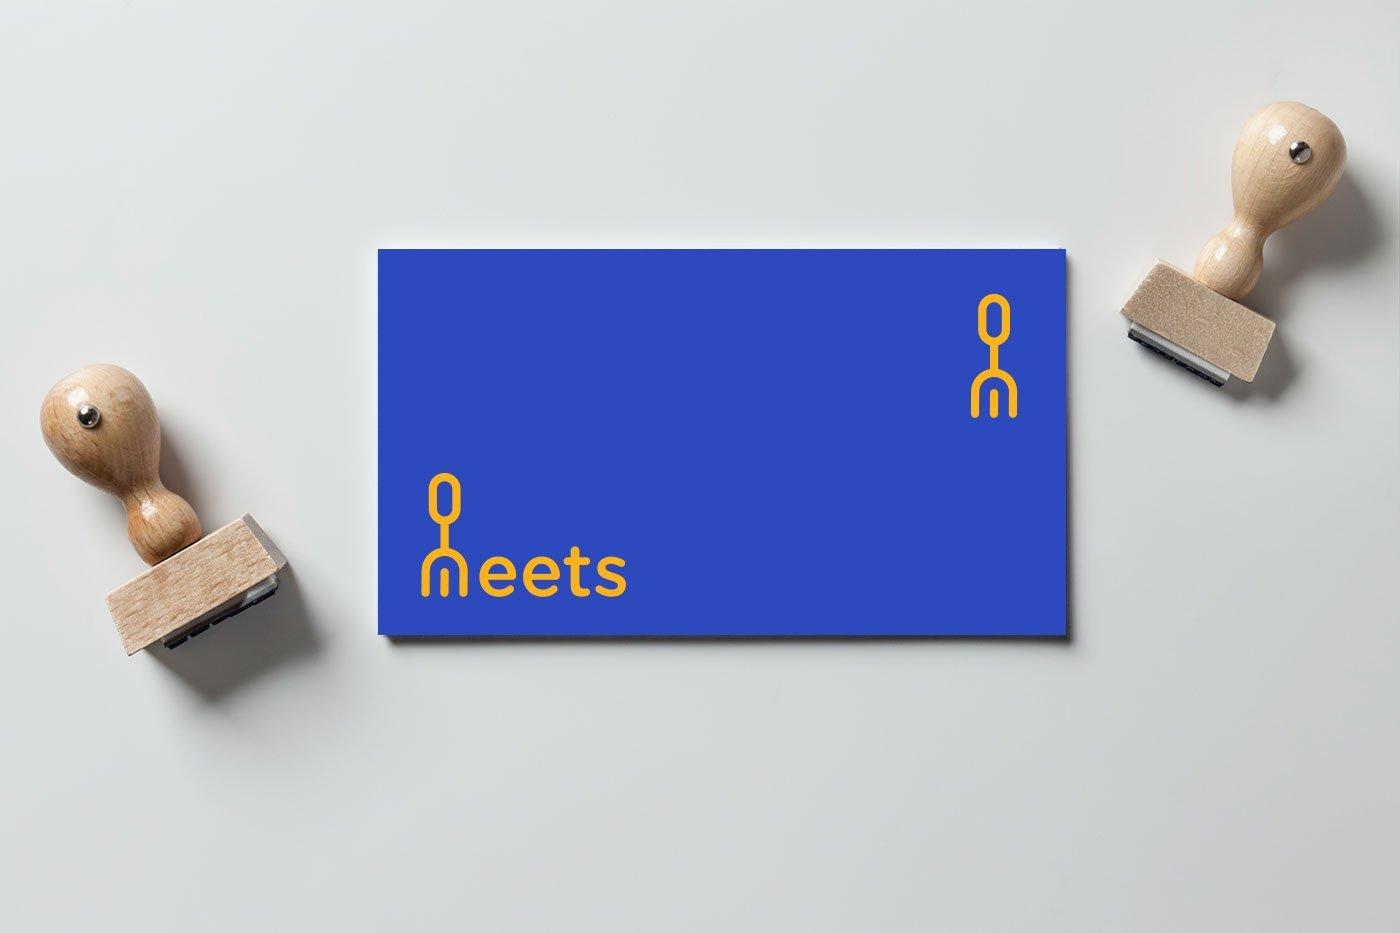 meets